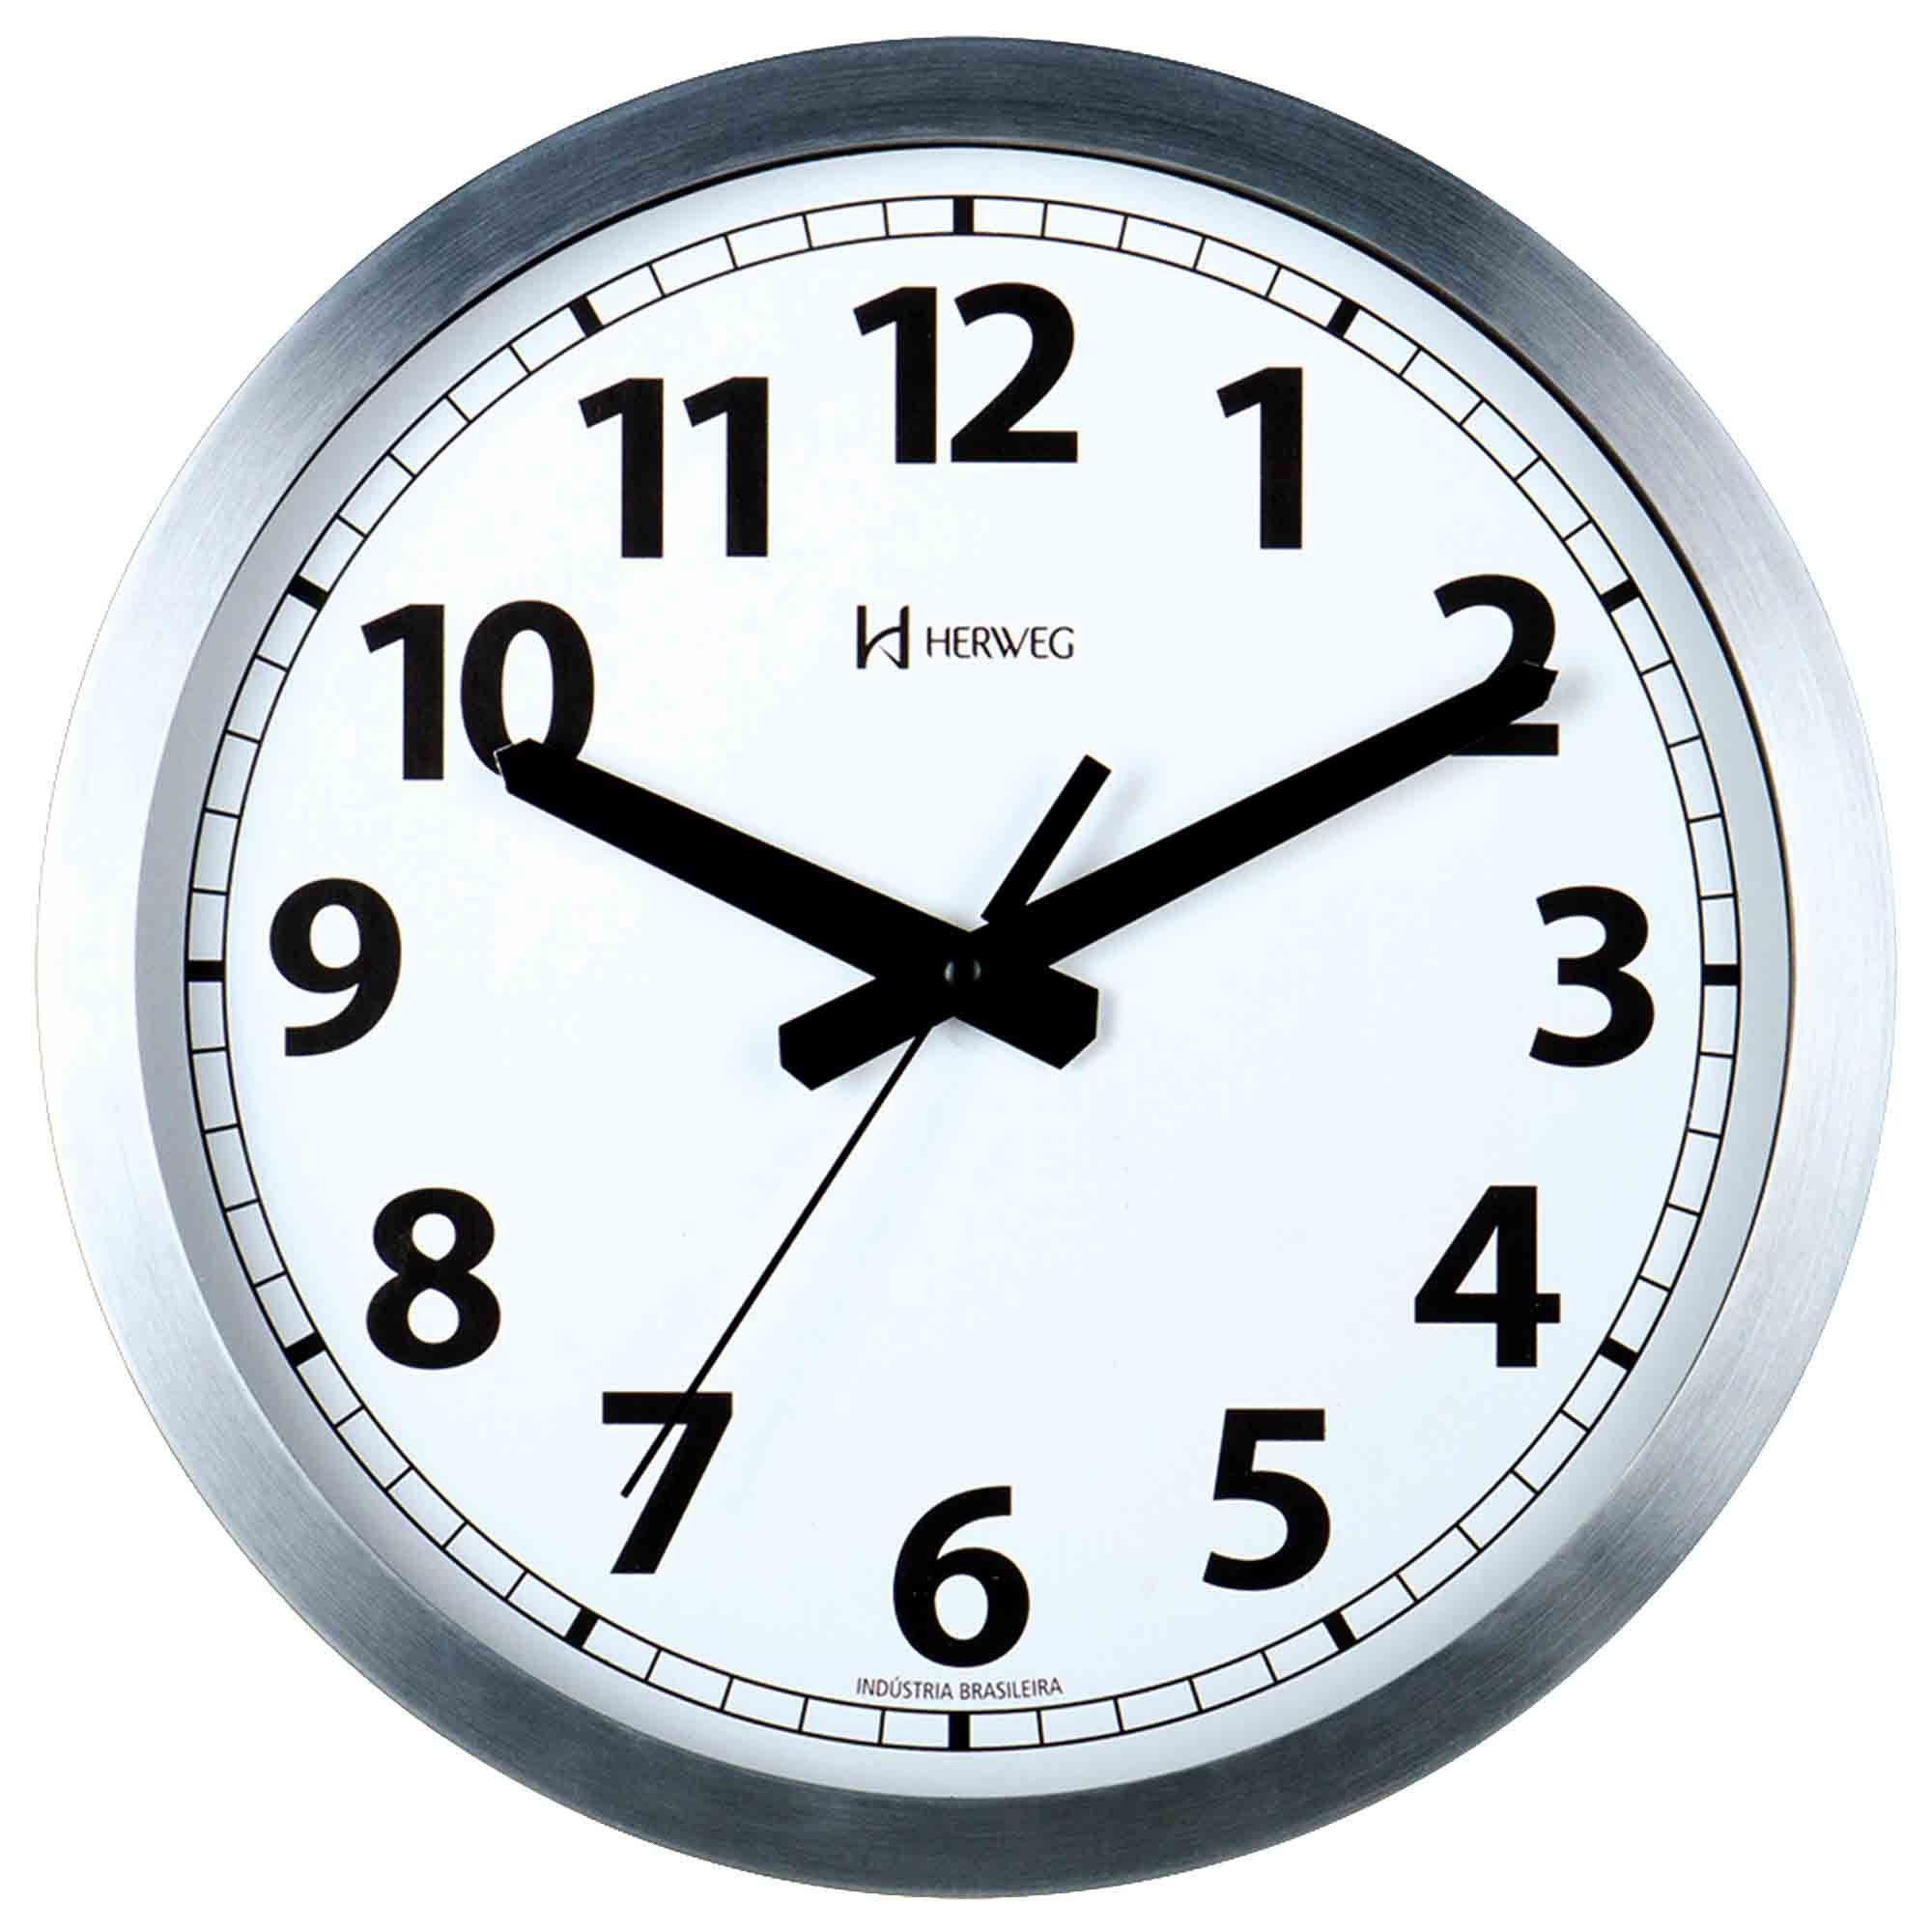 Relógio de Parede Analógico Herweg 6711 079 Alumínio